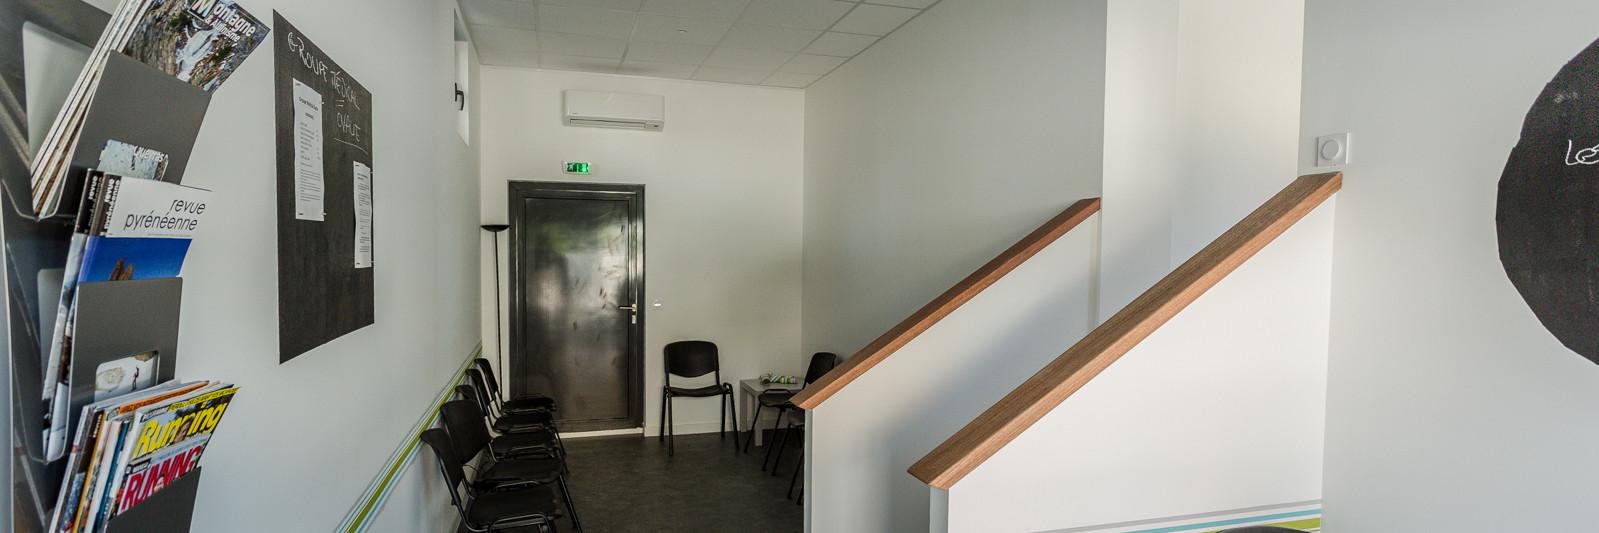 Groupe médical Ovalie à Montpellier - Salle d'attente